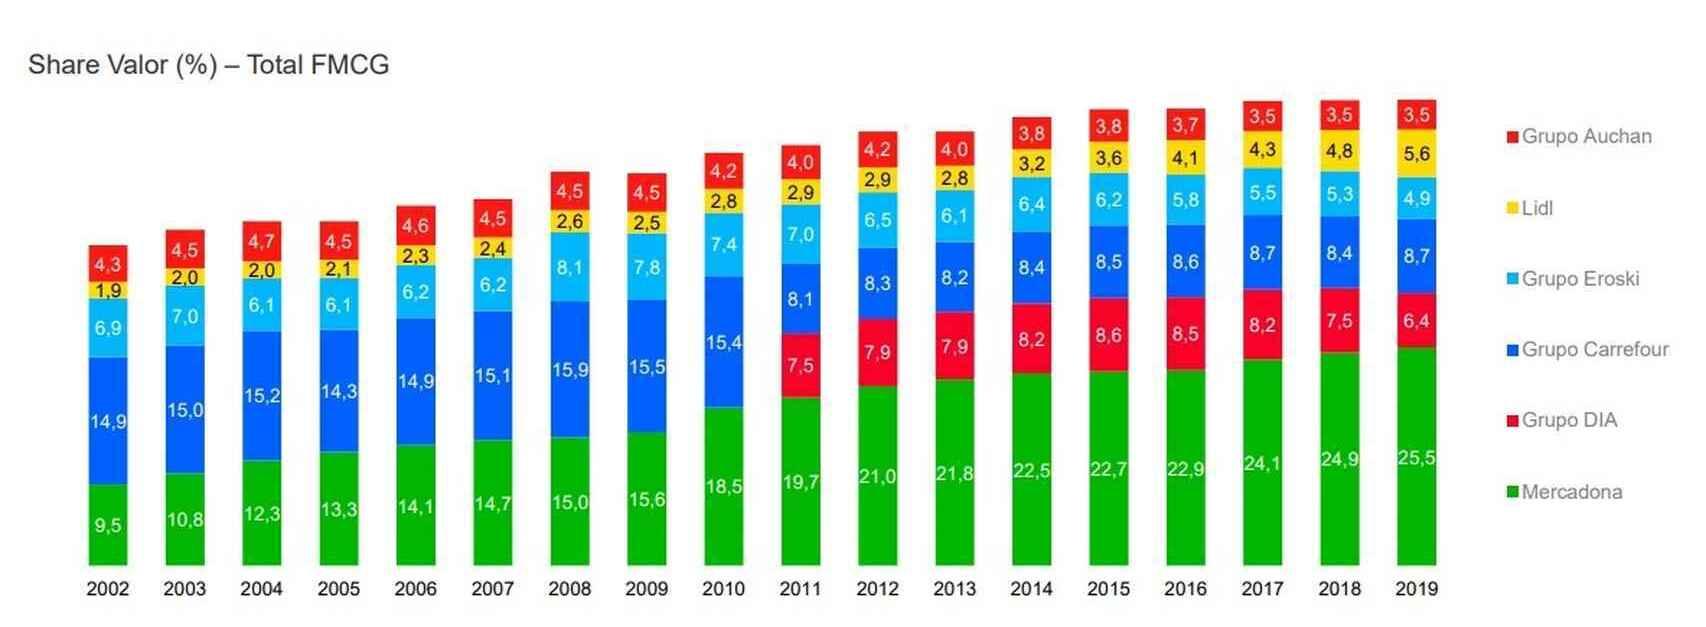 Evolución de la cuota de mercados de los distribuidores. Fuente: Kantar.